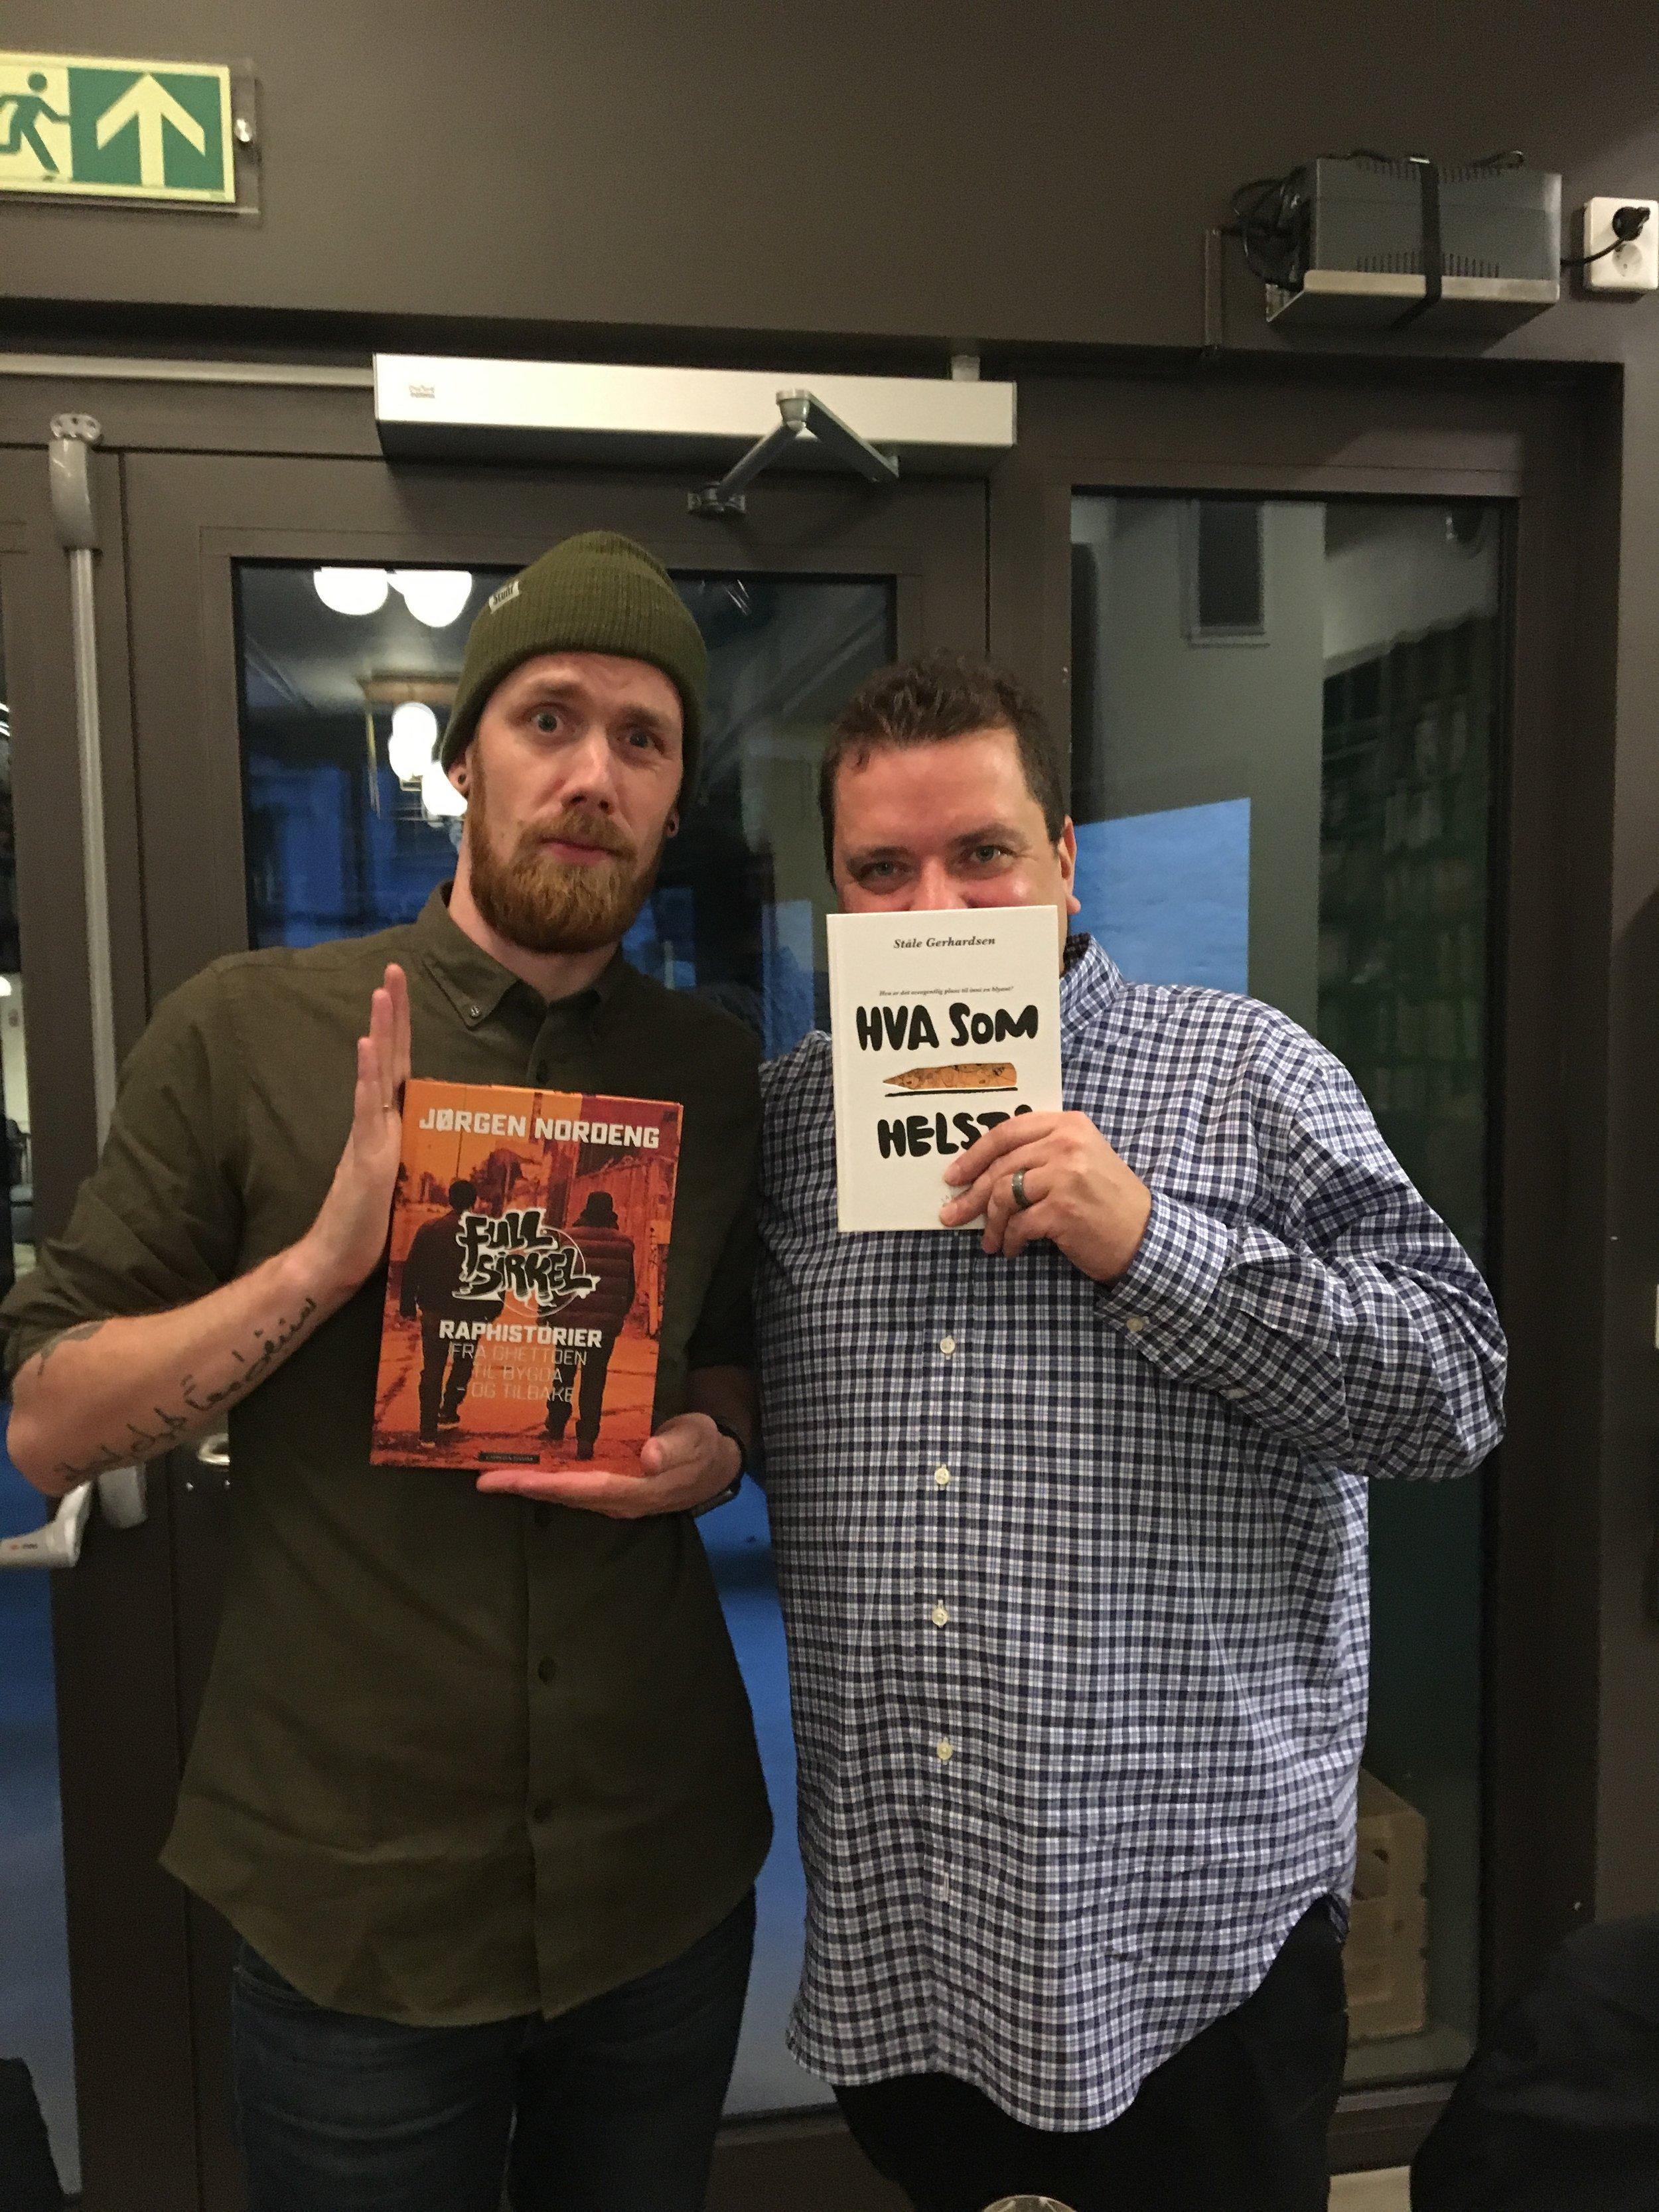 Ståle og Joddski ut på litteratur en sen kveld i oktober.